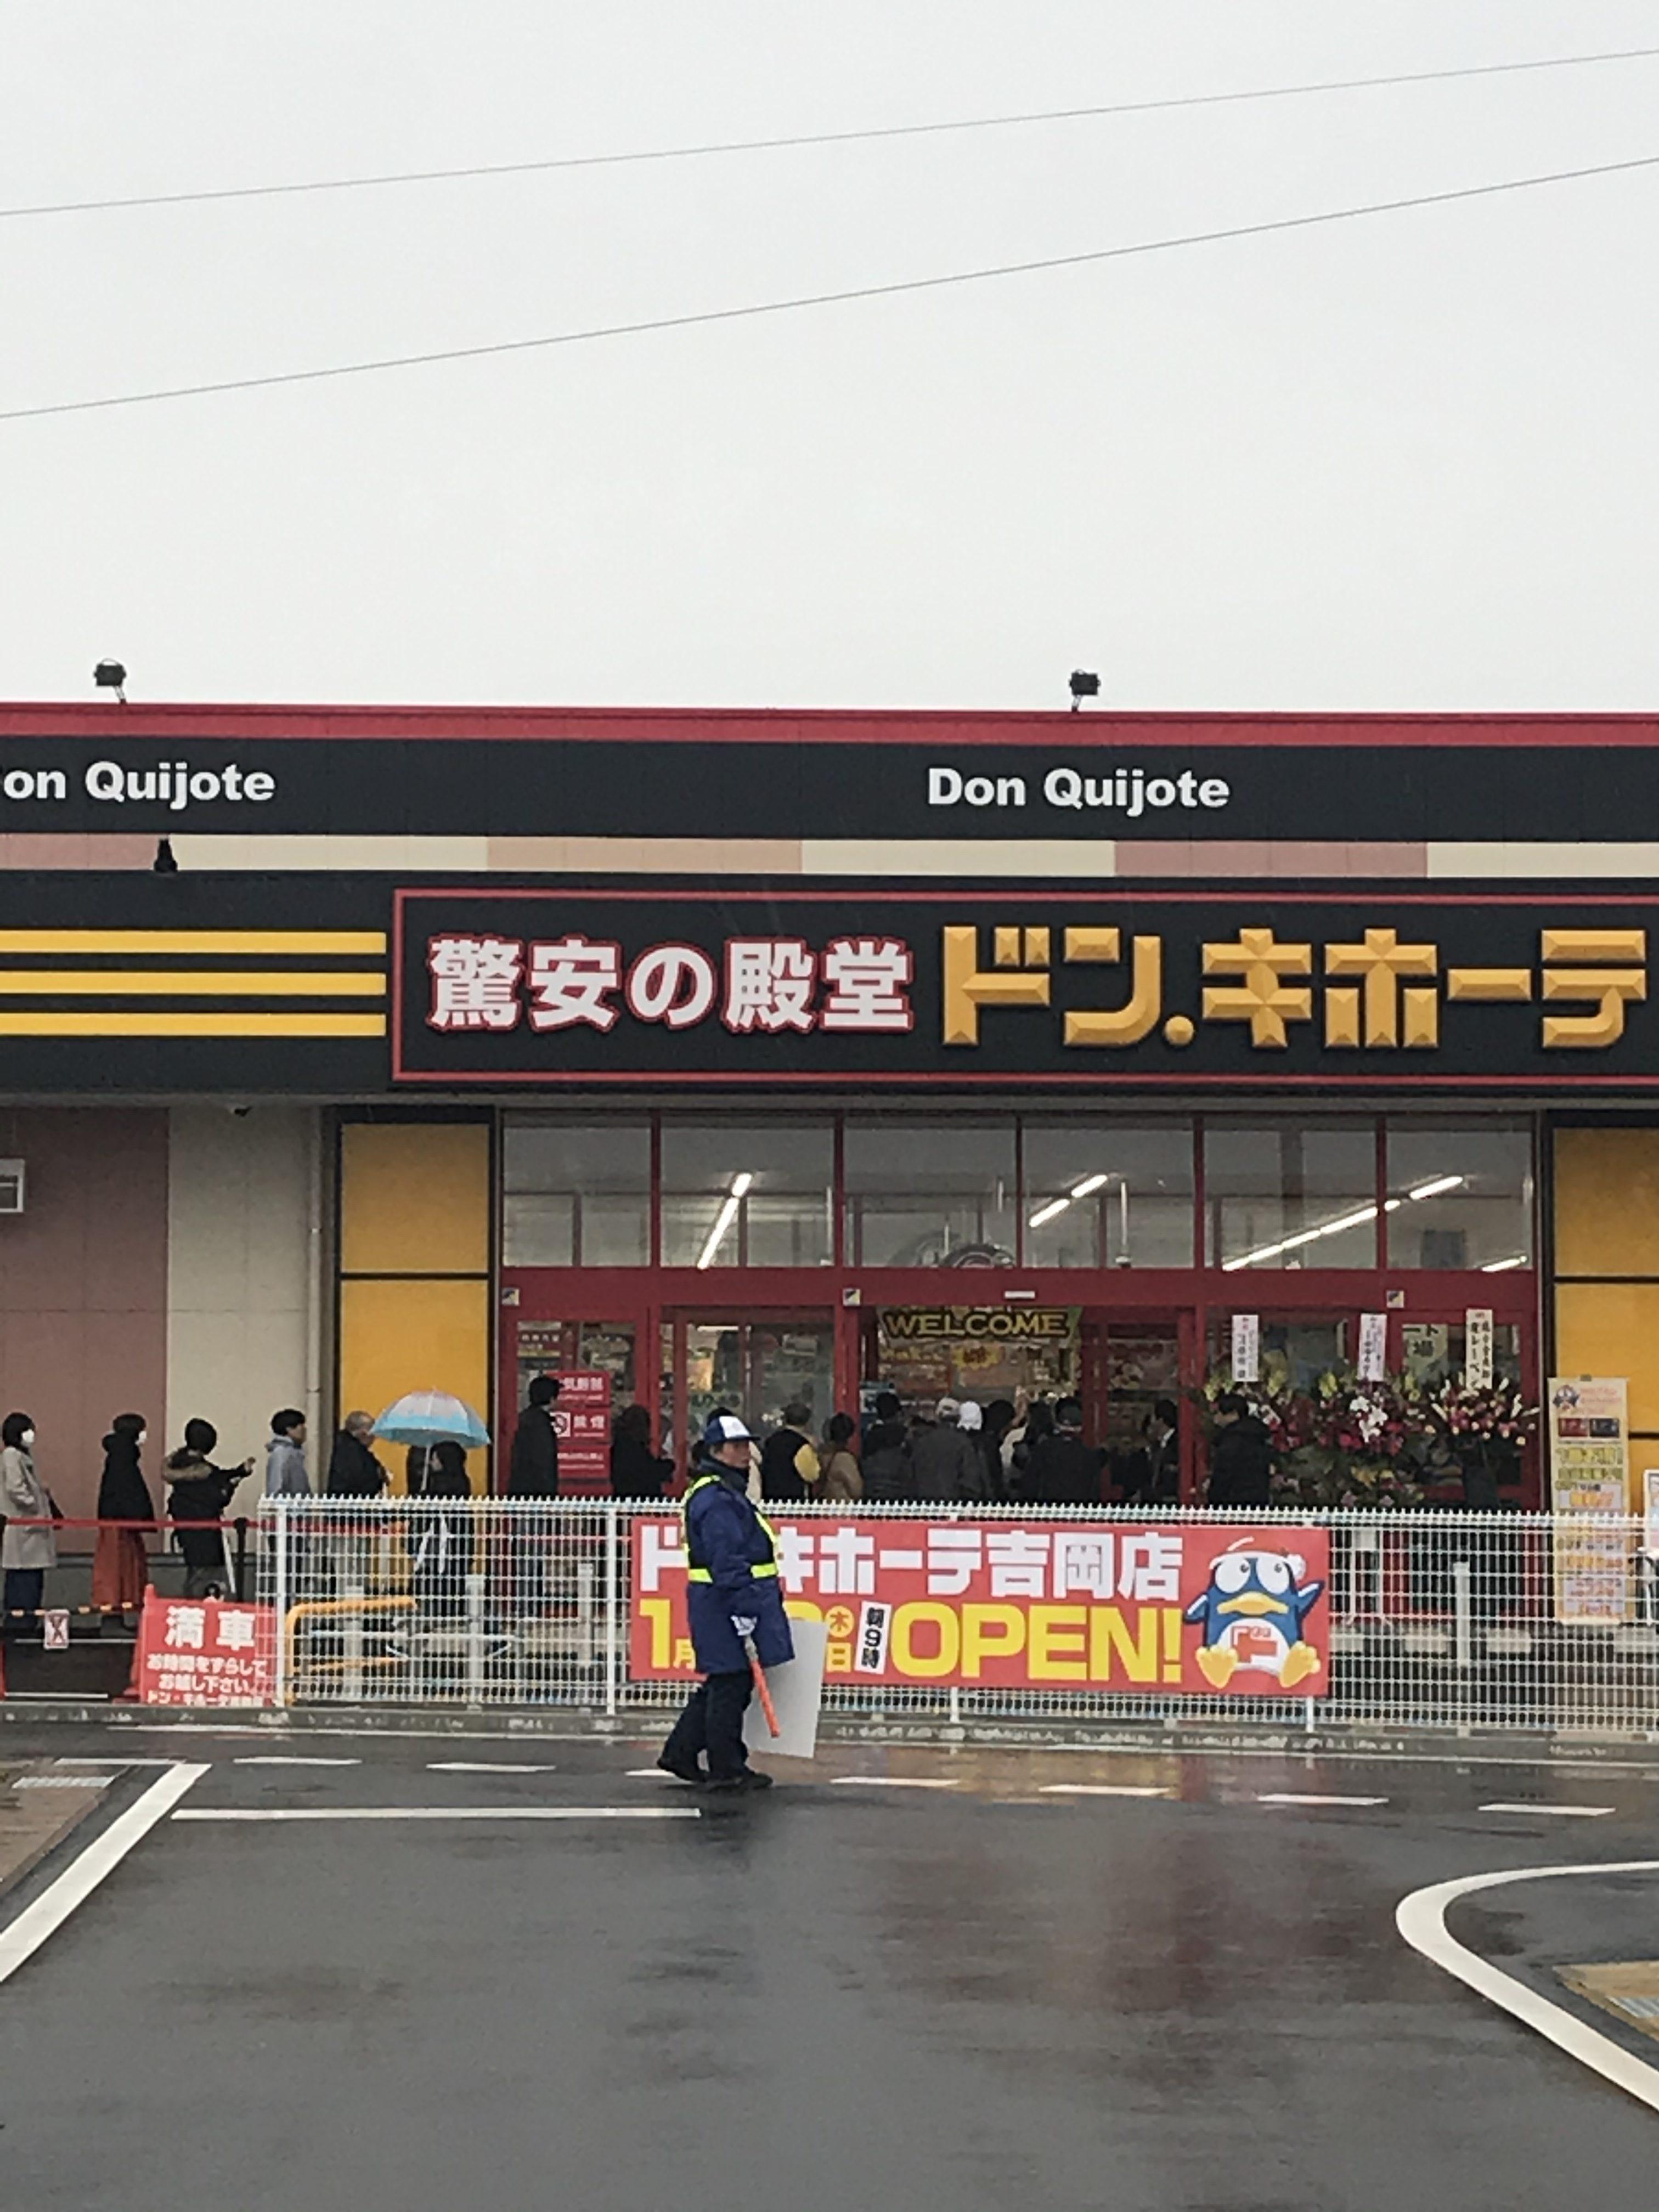 23日吉岡町ドンキーホーテオープン店内凄い混みようでした。